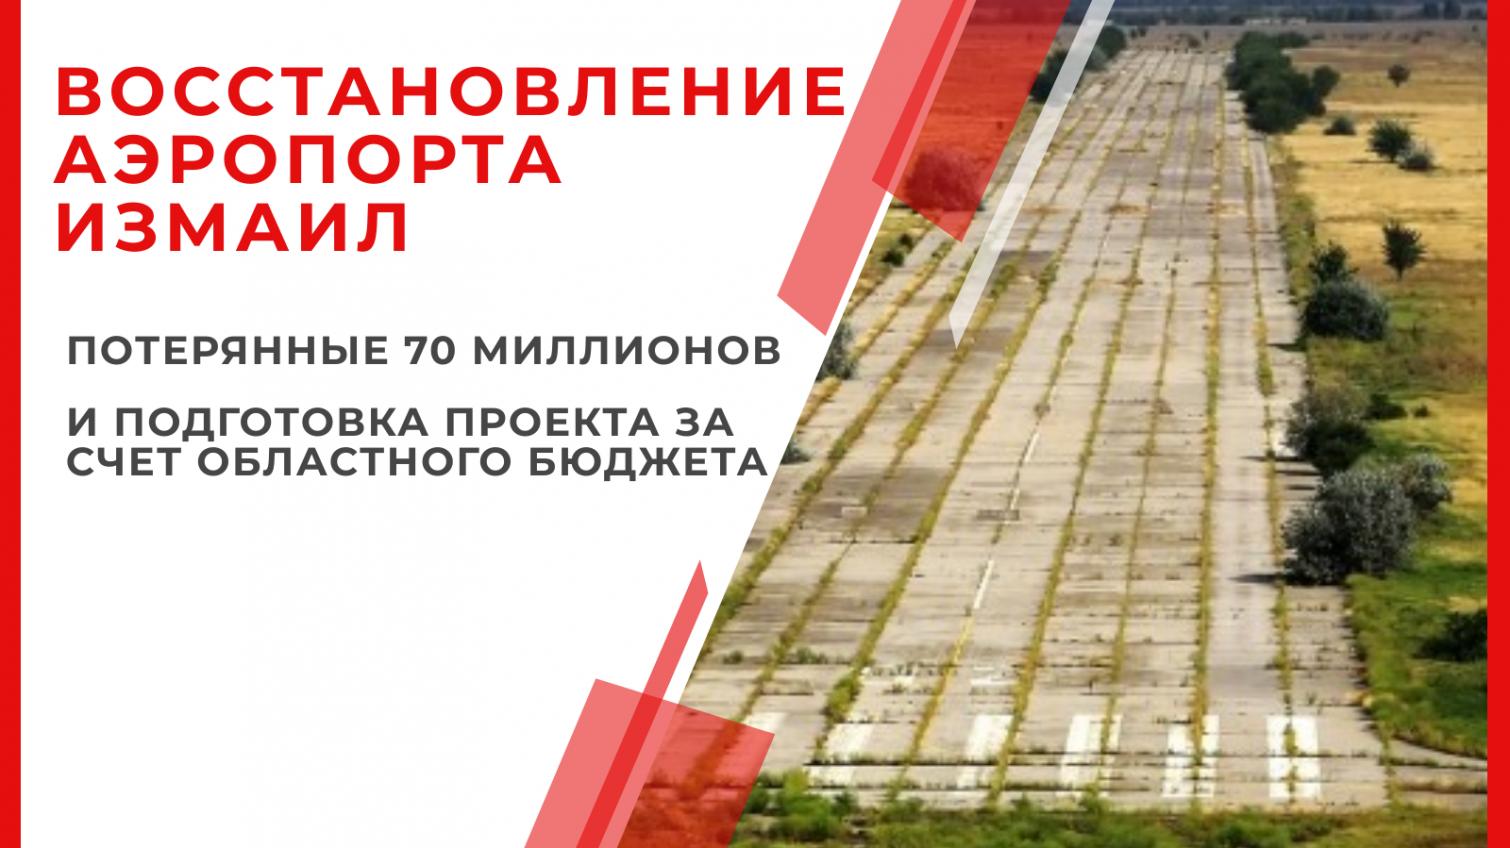 Восстановление «Аэропорта Измаил»: потерянные 70 миллионов и подготовка проекта (инфографика) «фото»